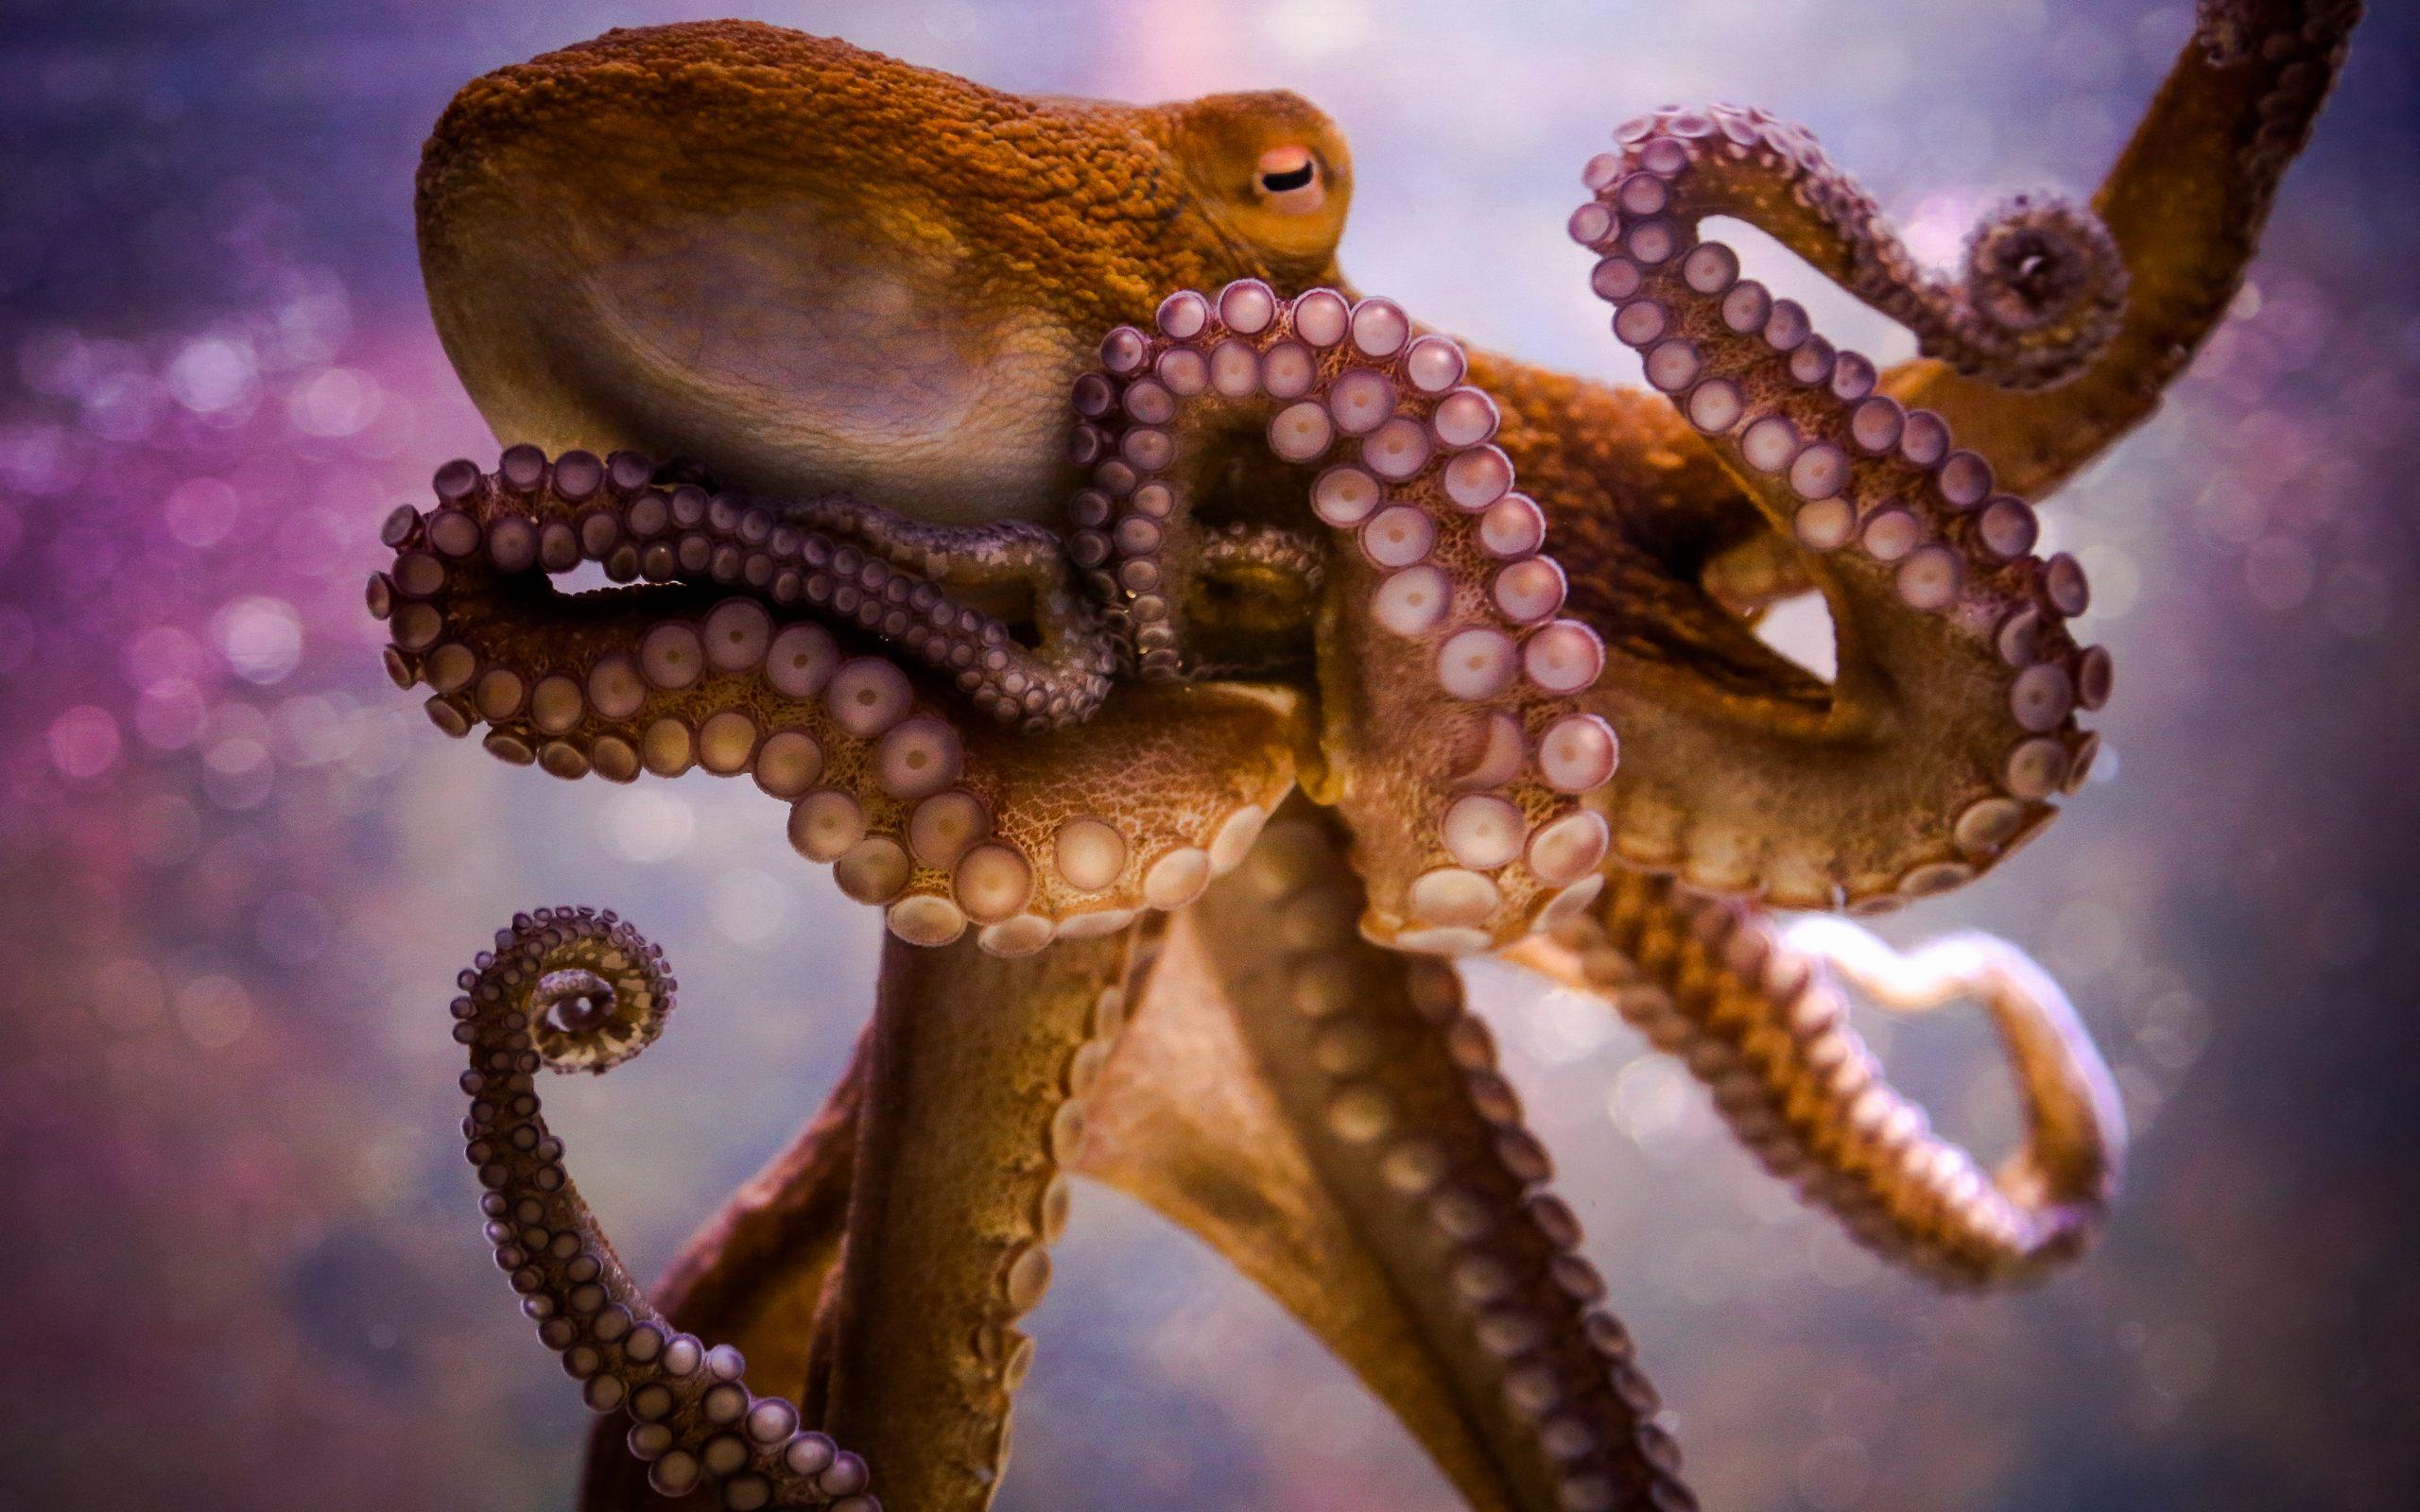 Octopus Wallpaper Wallpapersafari